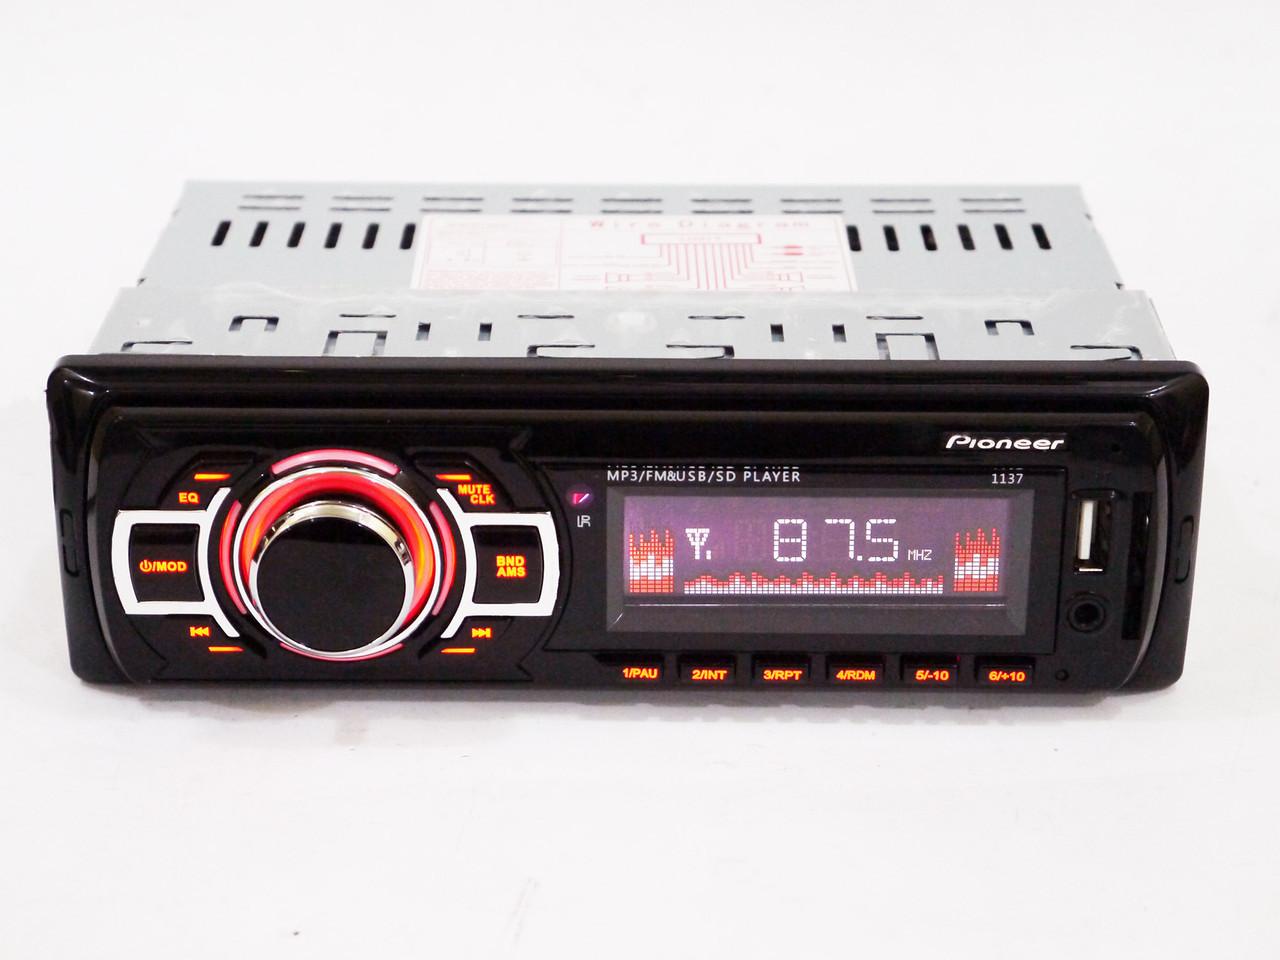 Автомагнитола Pioneer 1137 ISO - MP3 + Пульт (4x50W) - Global Shop в Одессе